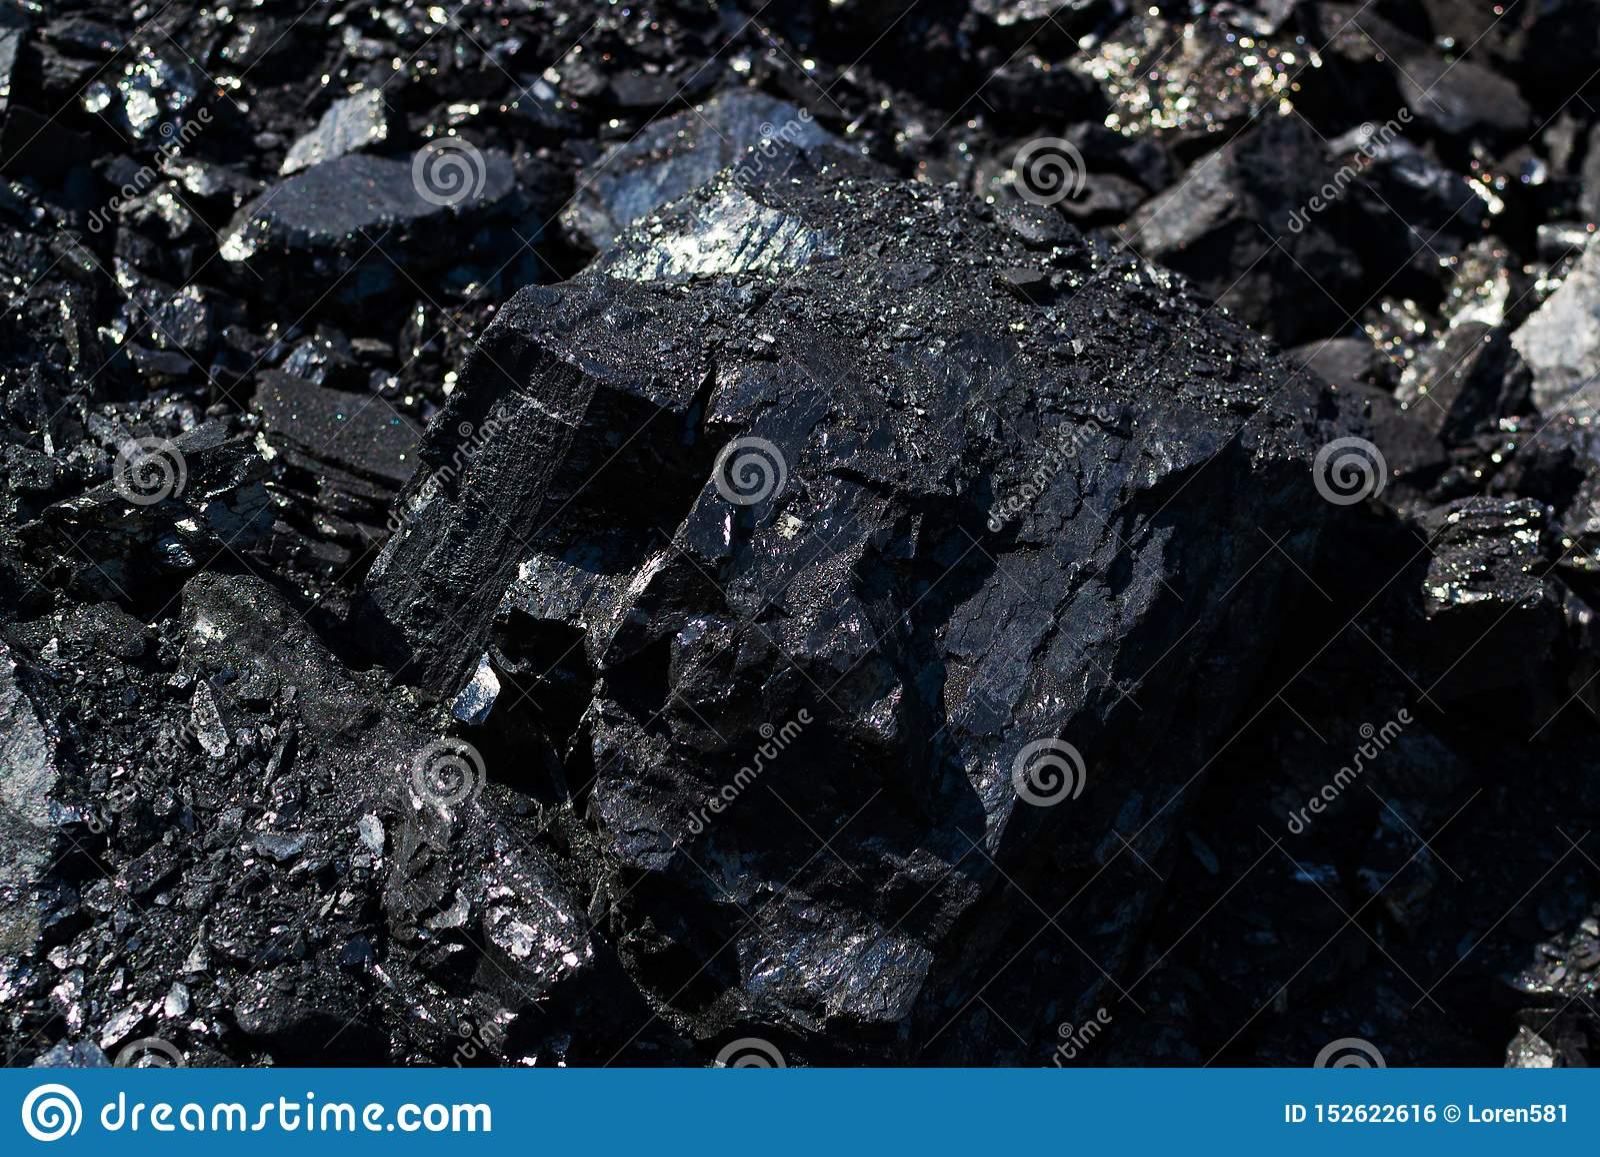 Carb?n natural De antracita, el mejor carbón para la metalurgia